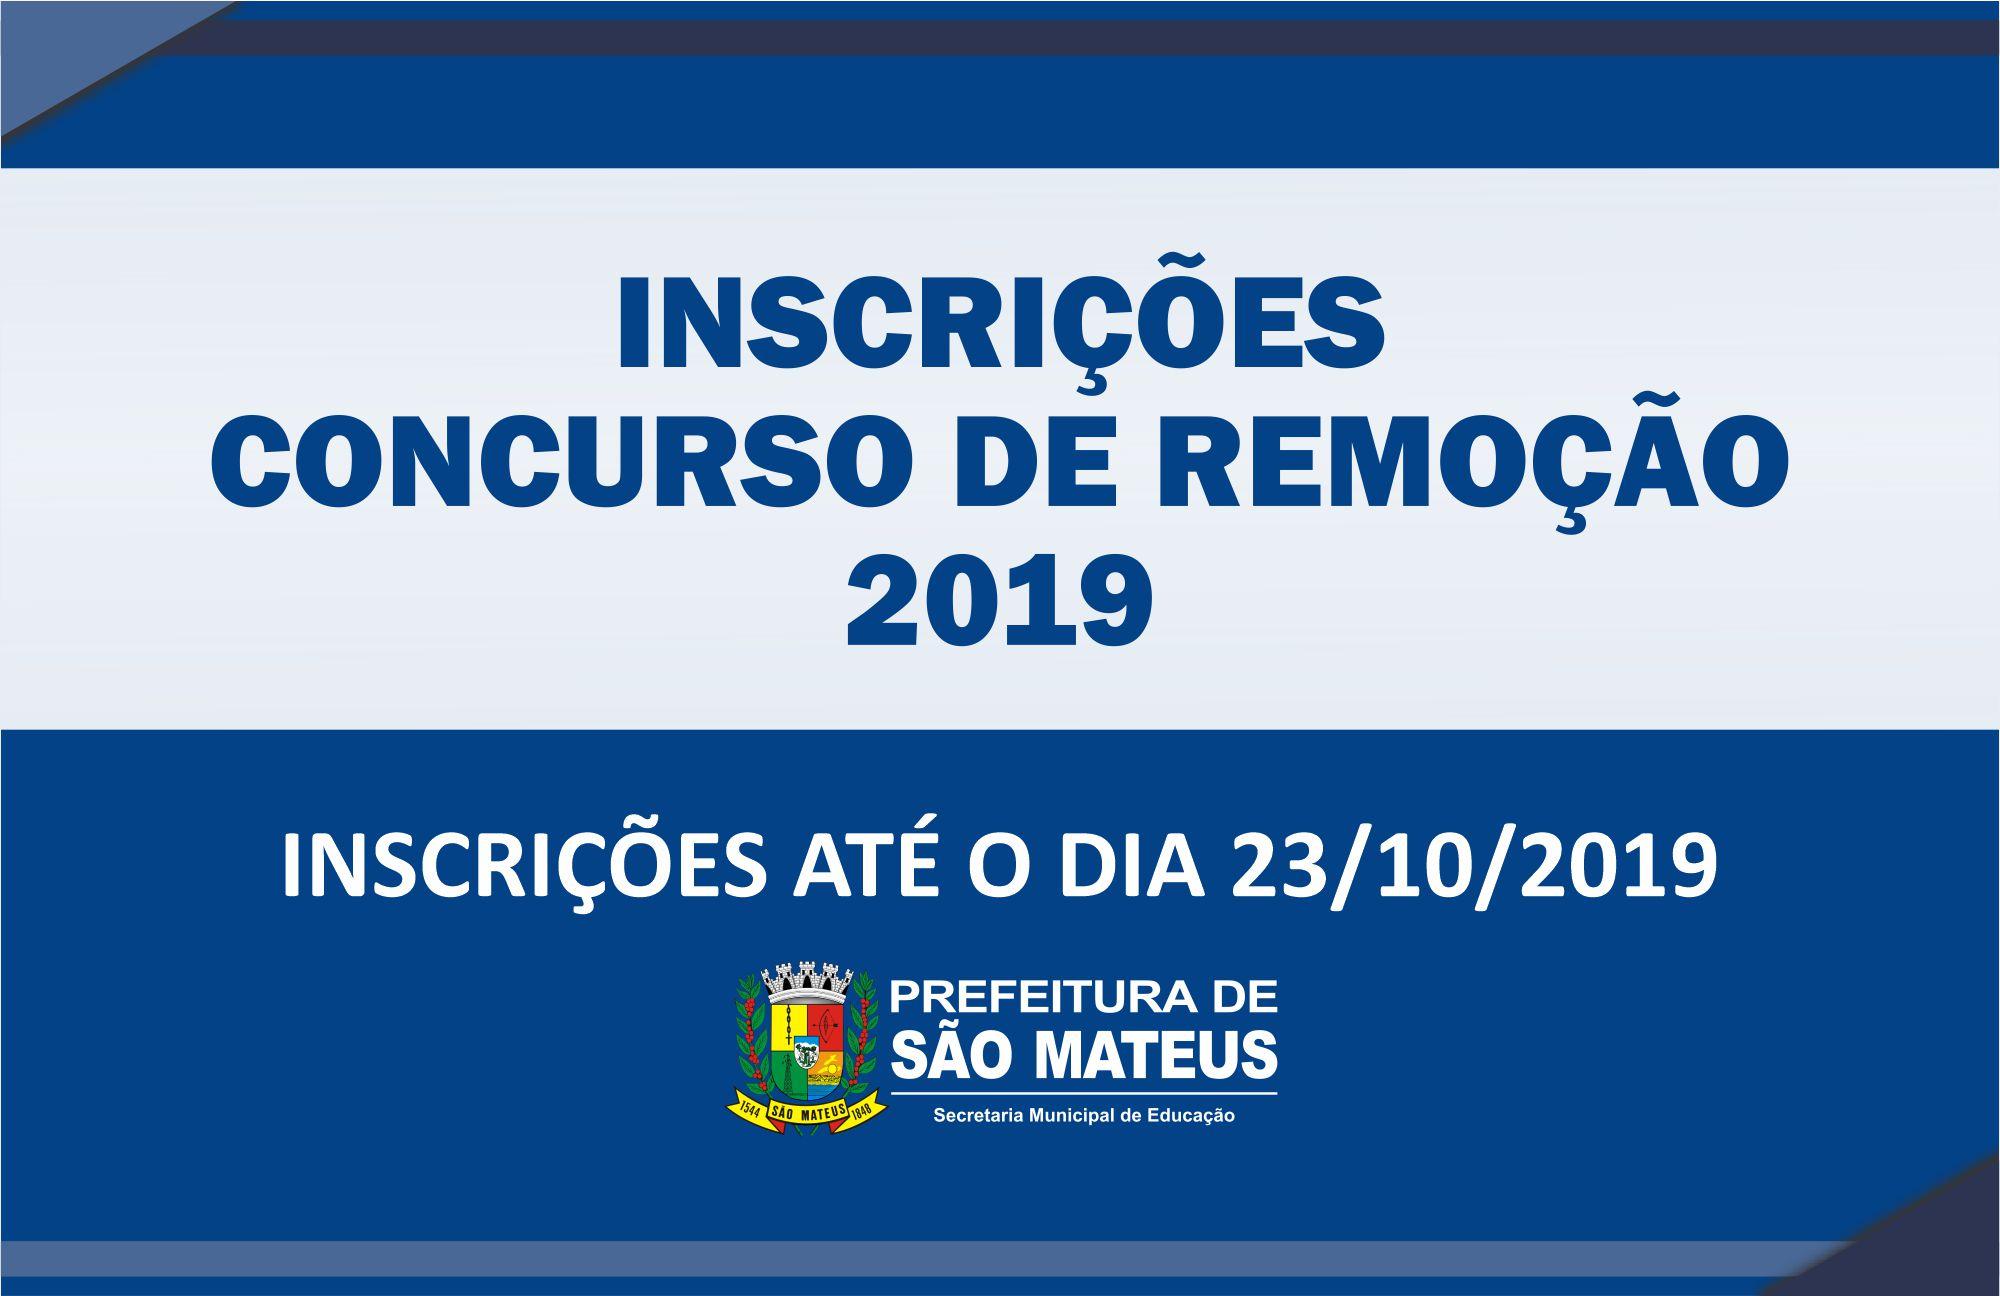 PREFEITURA ABRE INSCRIÇÕES PARA CONCURSO DE REMOÇÃO 2019